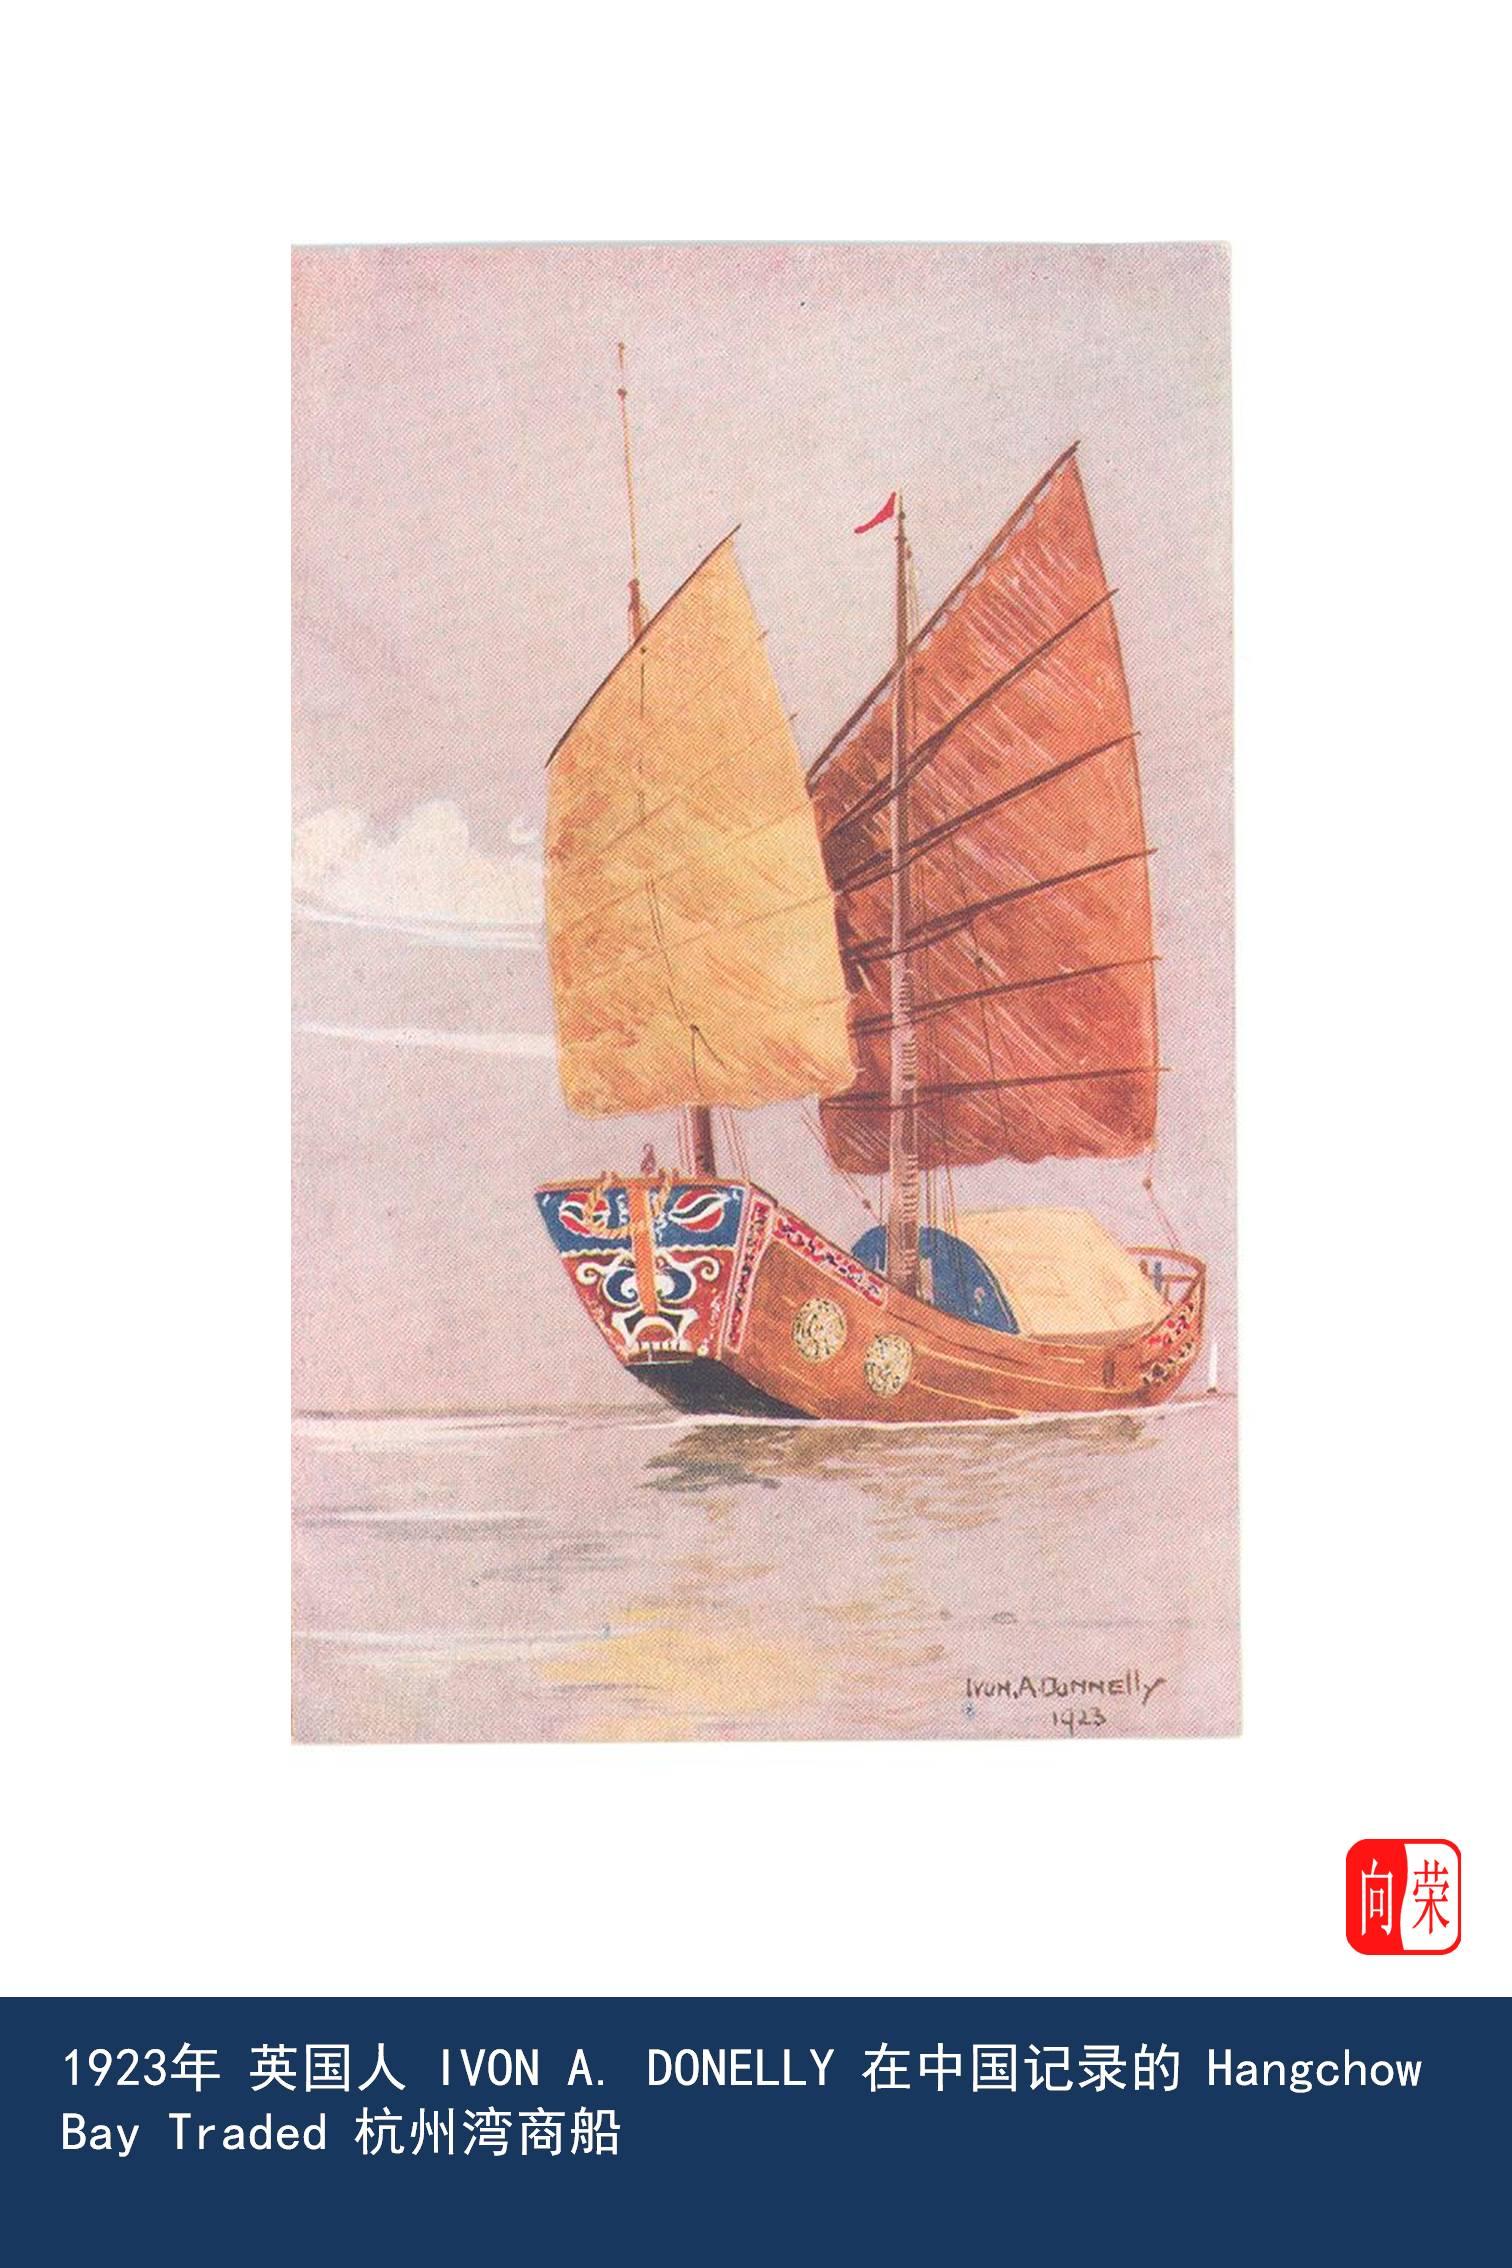 中华文化,旅行社,香港大学,南海诸岛,帆船运动 《中式帆船古为今用》展览,让老邝带你看中式帆船! Slide9.JPG